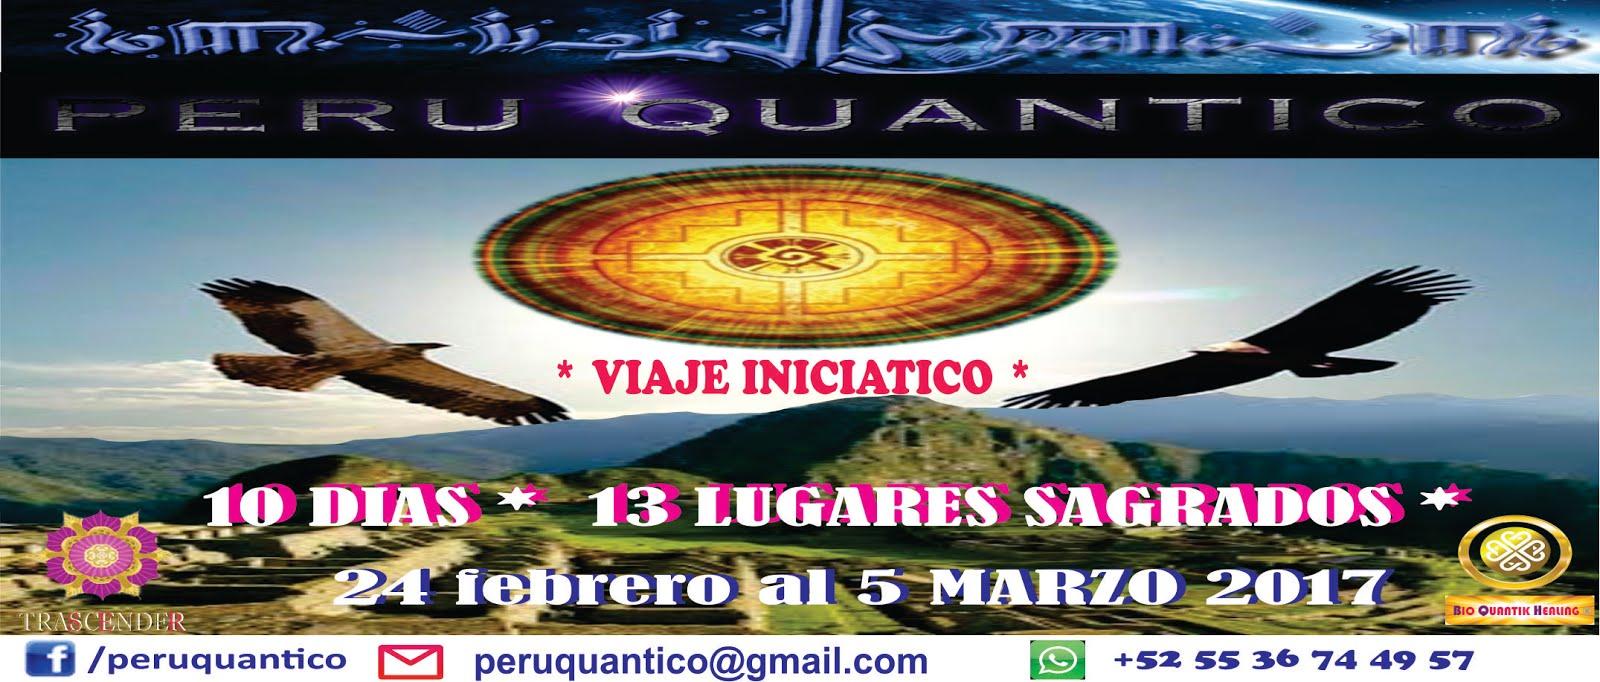 VIAJE INICIATICO PERU QUANTICO FEB 2017